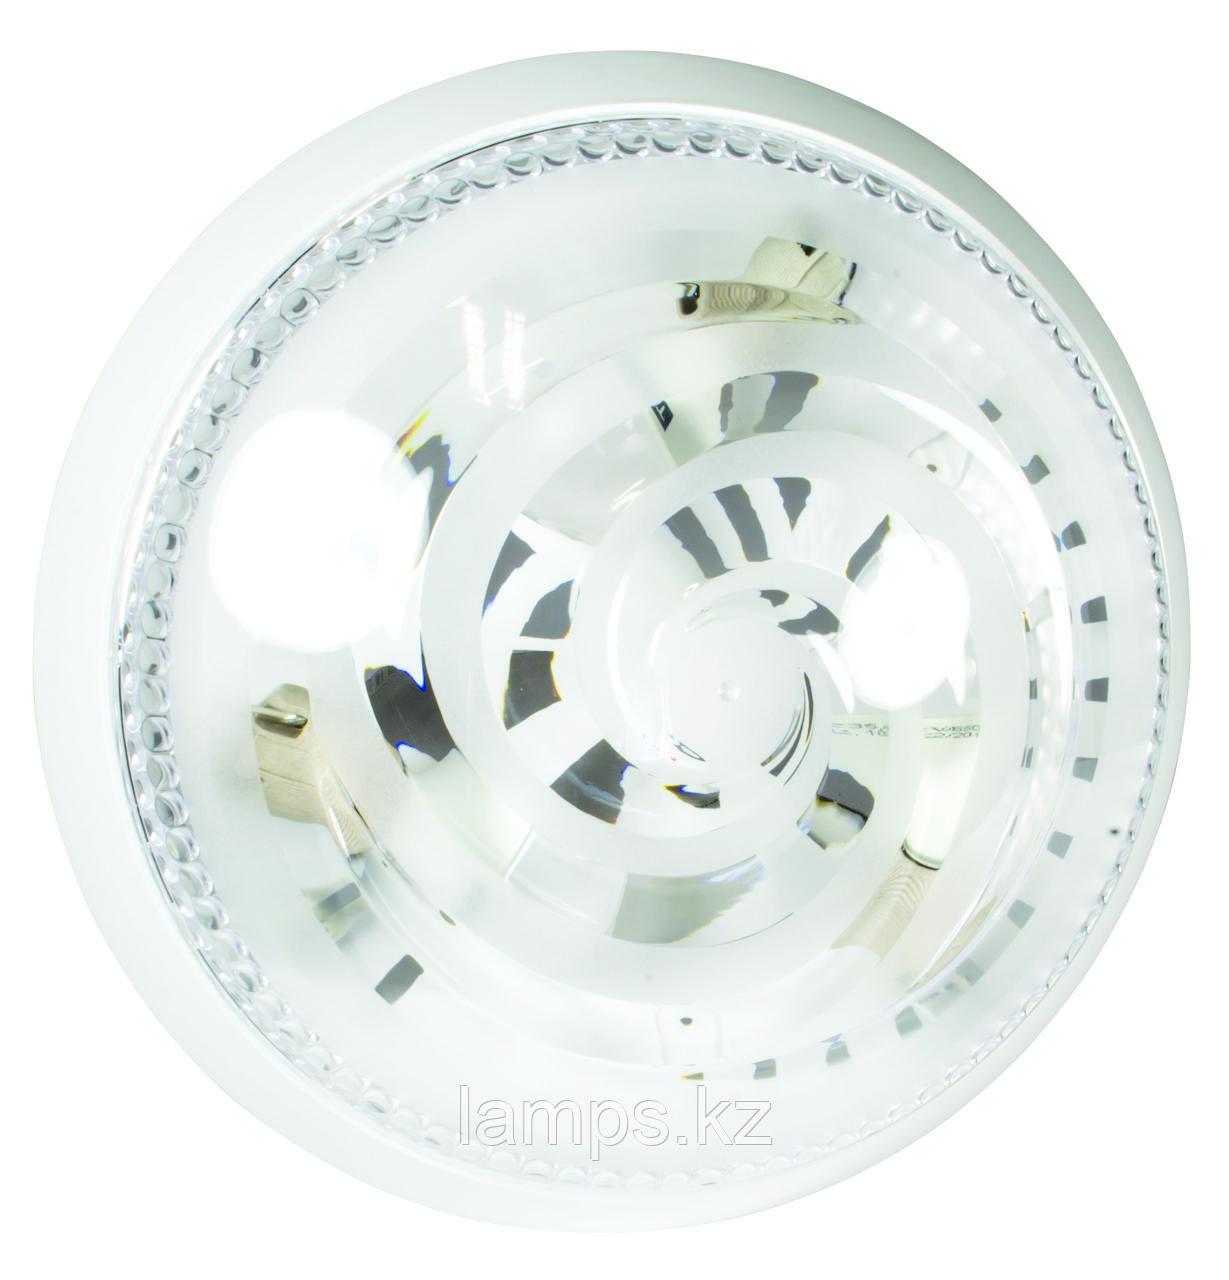 Настенно-потолочный светодиодный светильник MANOLYA MAXI LED 400мм